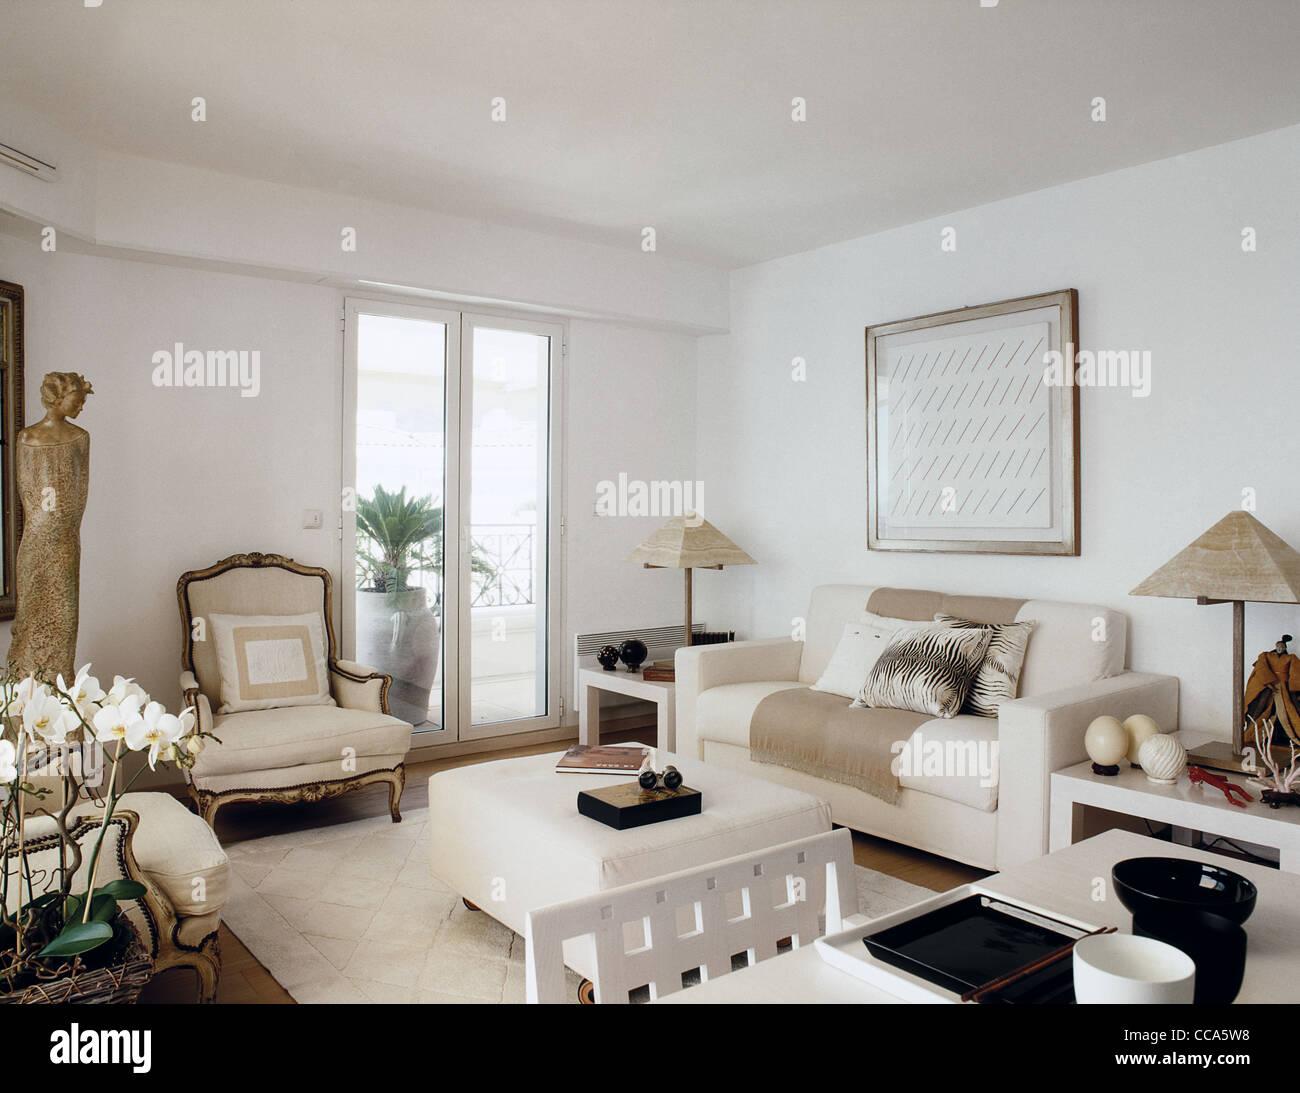 klassische Möbel für ein Wohnzimmer mit weißen Möbeln Stockfoto ...